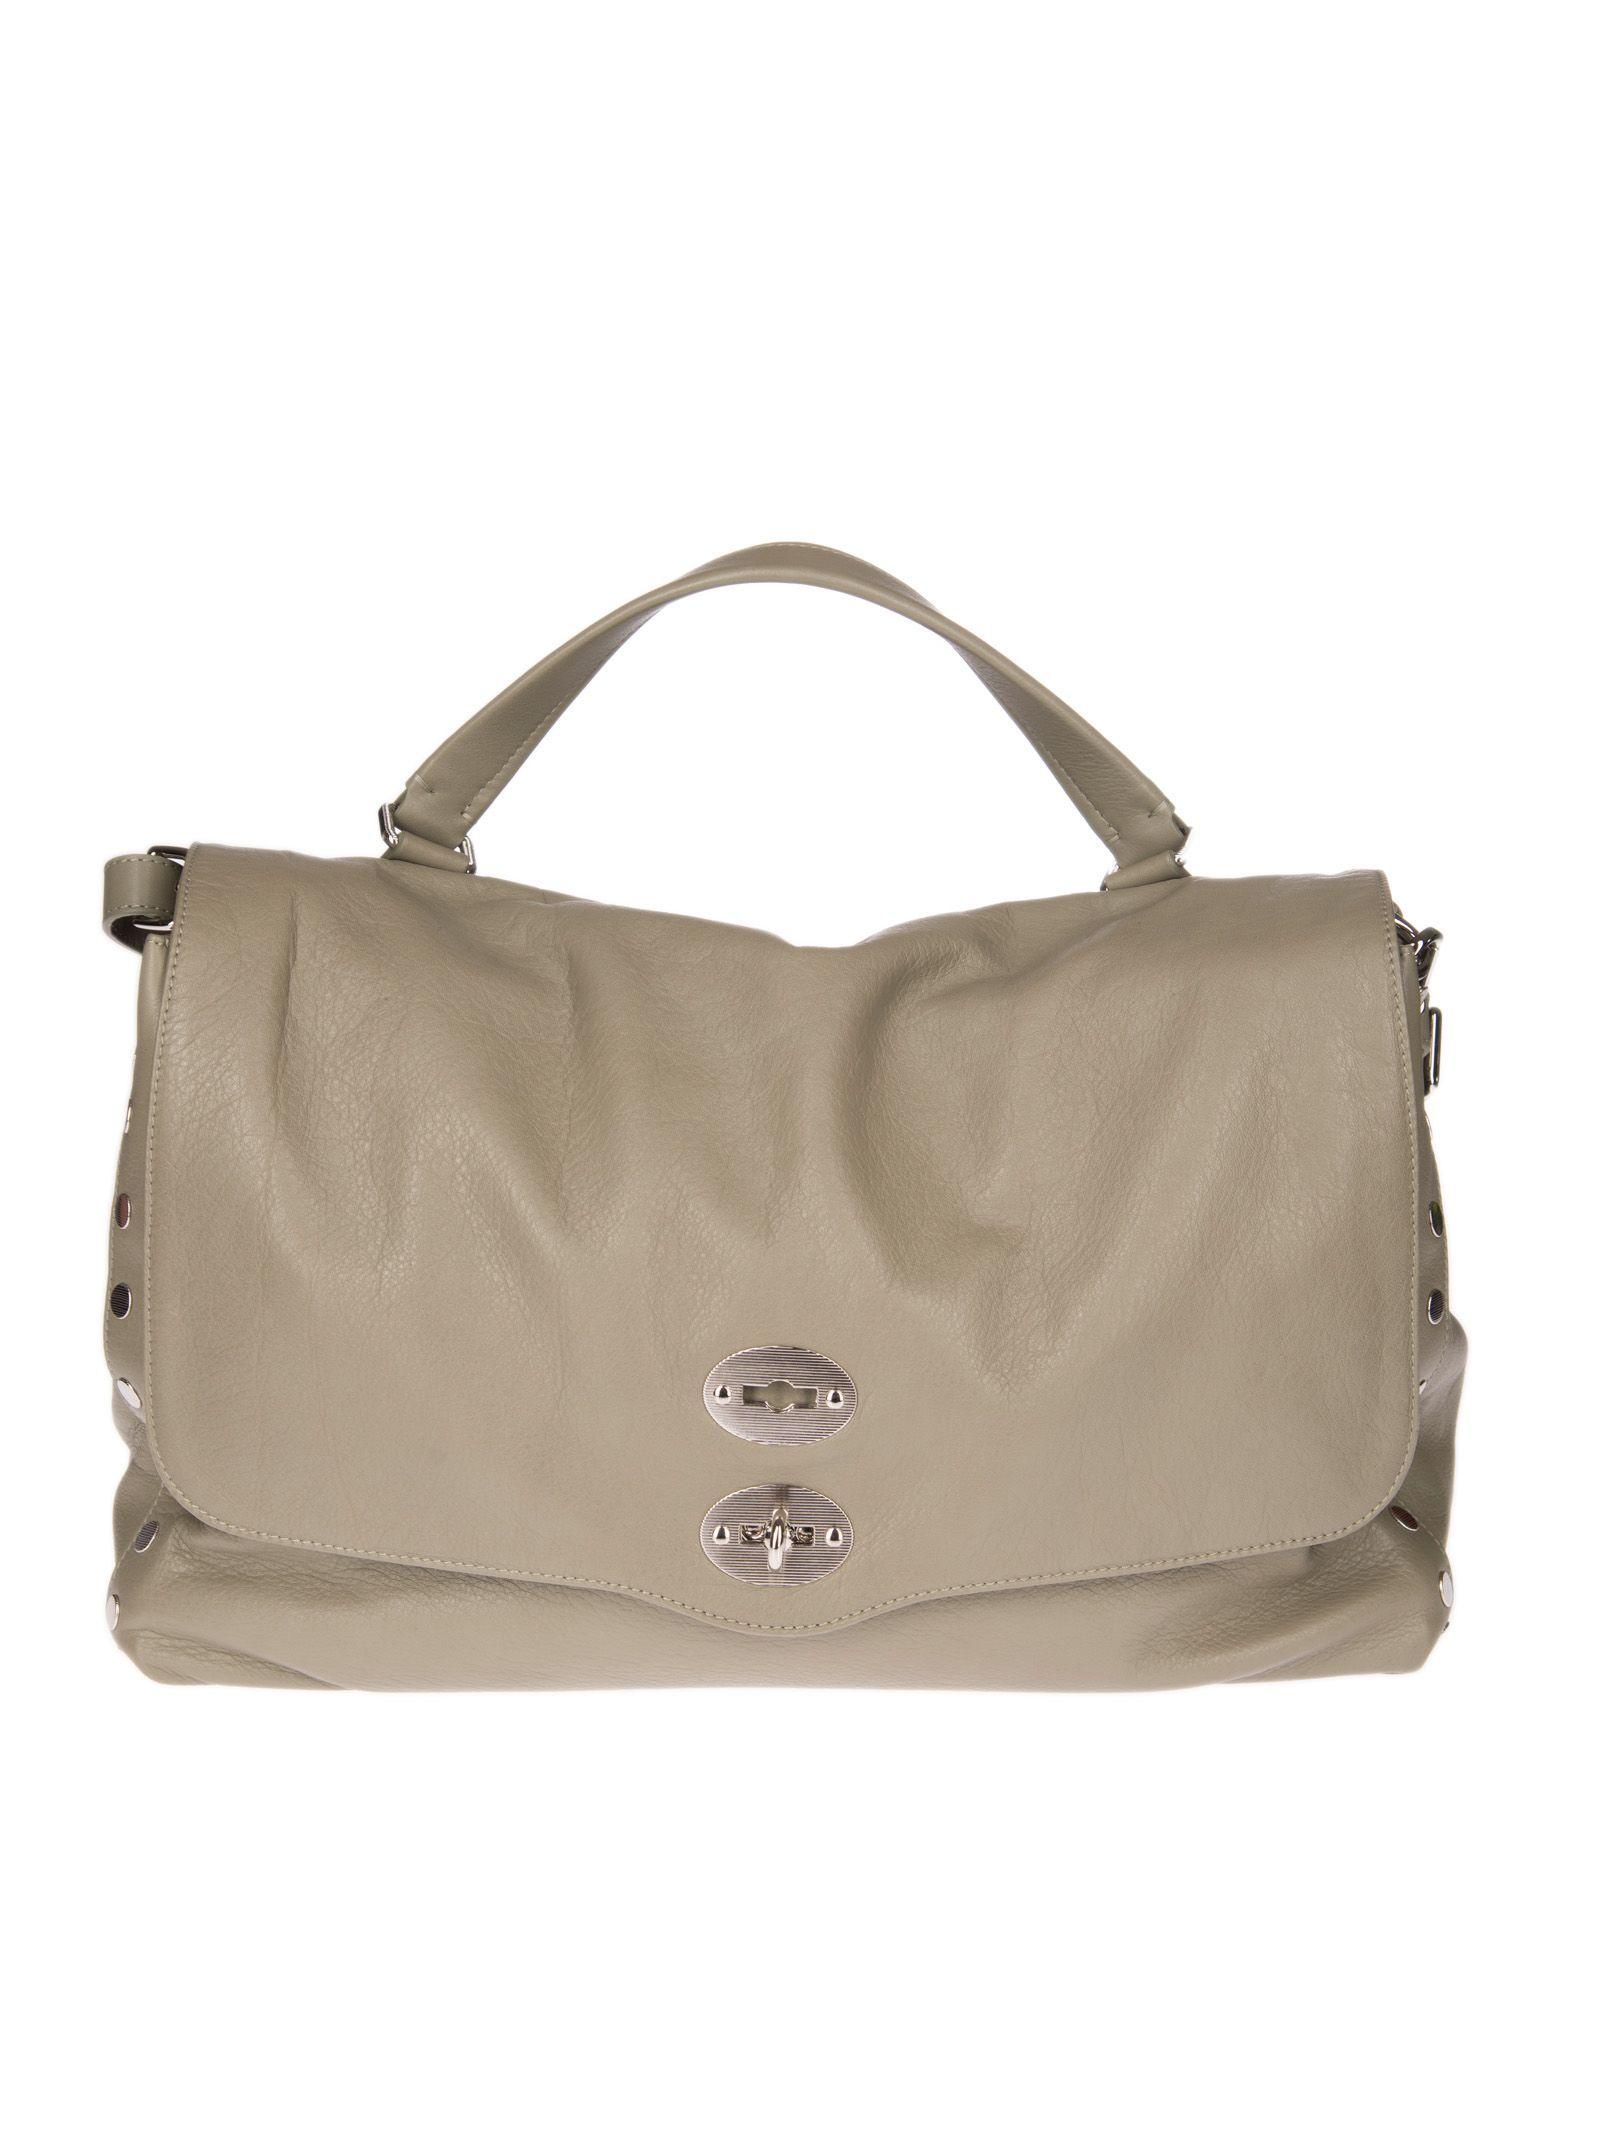 378f4e130875 ZANELLATO LARGE POSTINA TOTE.  zanellato  bags  shoulder bags  hand bags